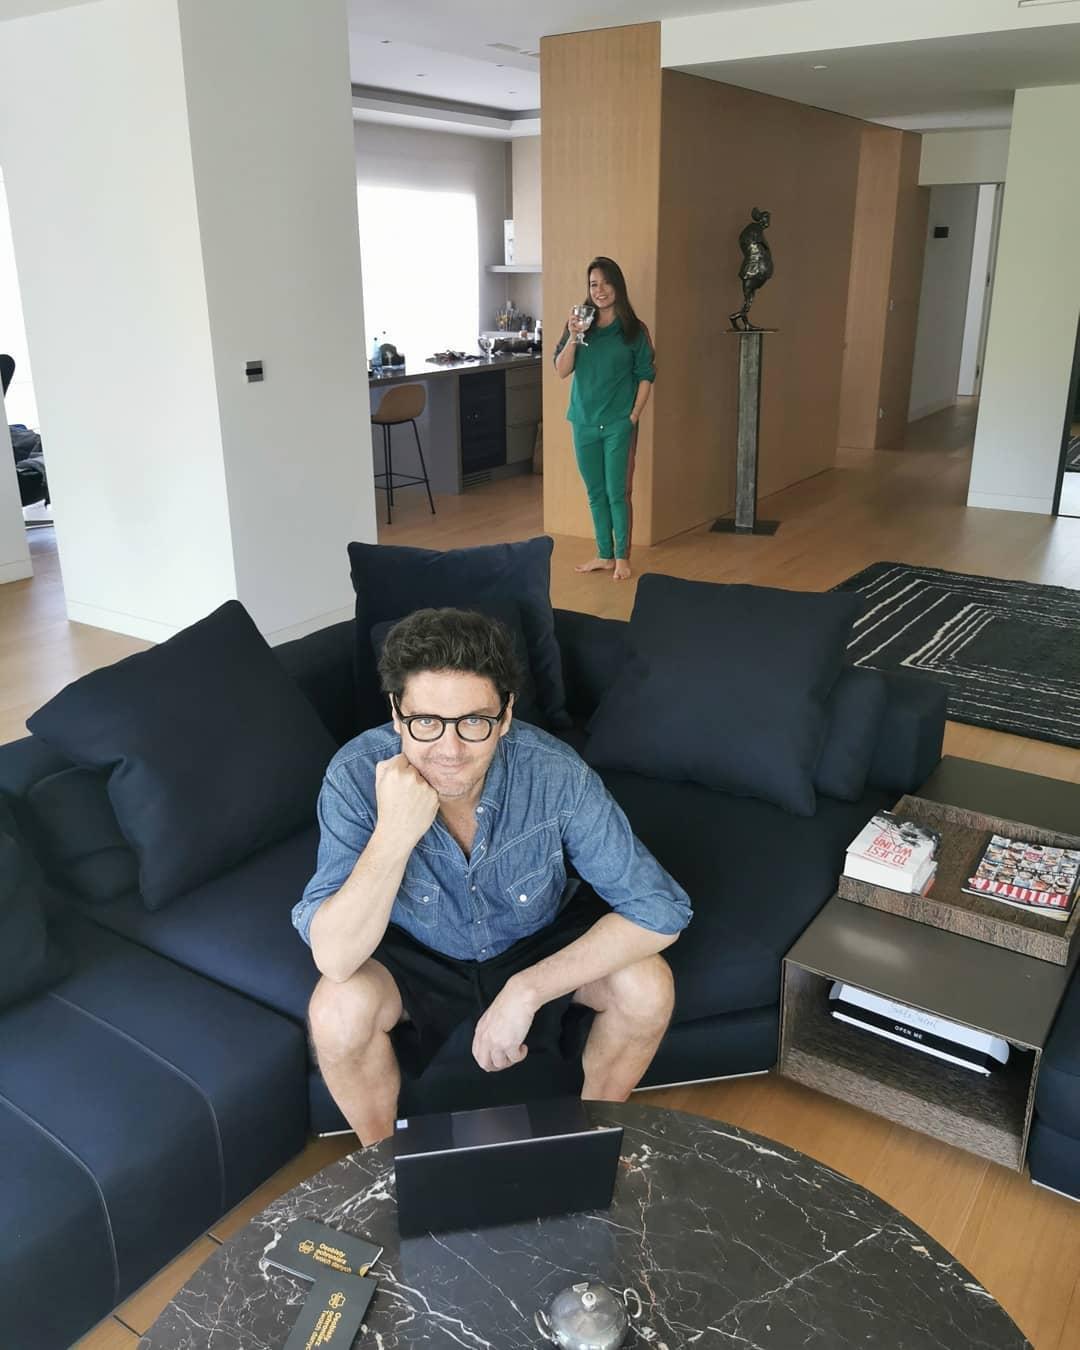 Kuba Wojewódzki i Anna Mucha razem w mieszkaniu?